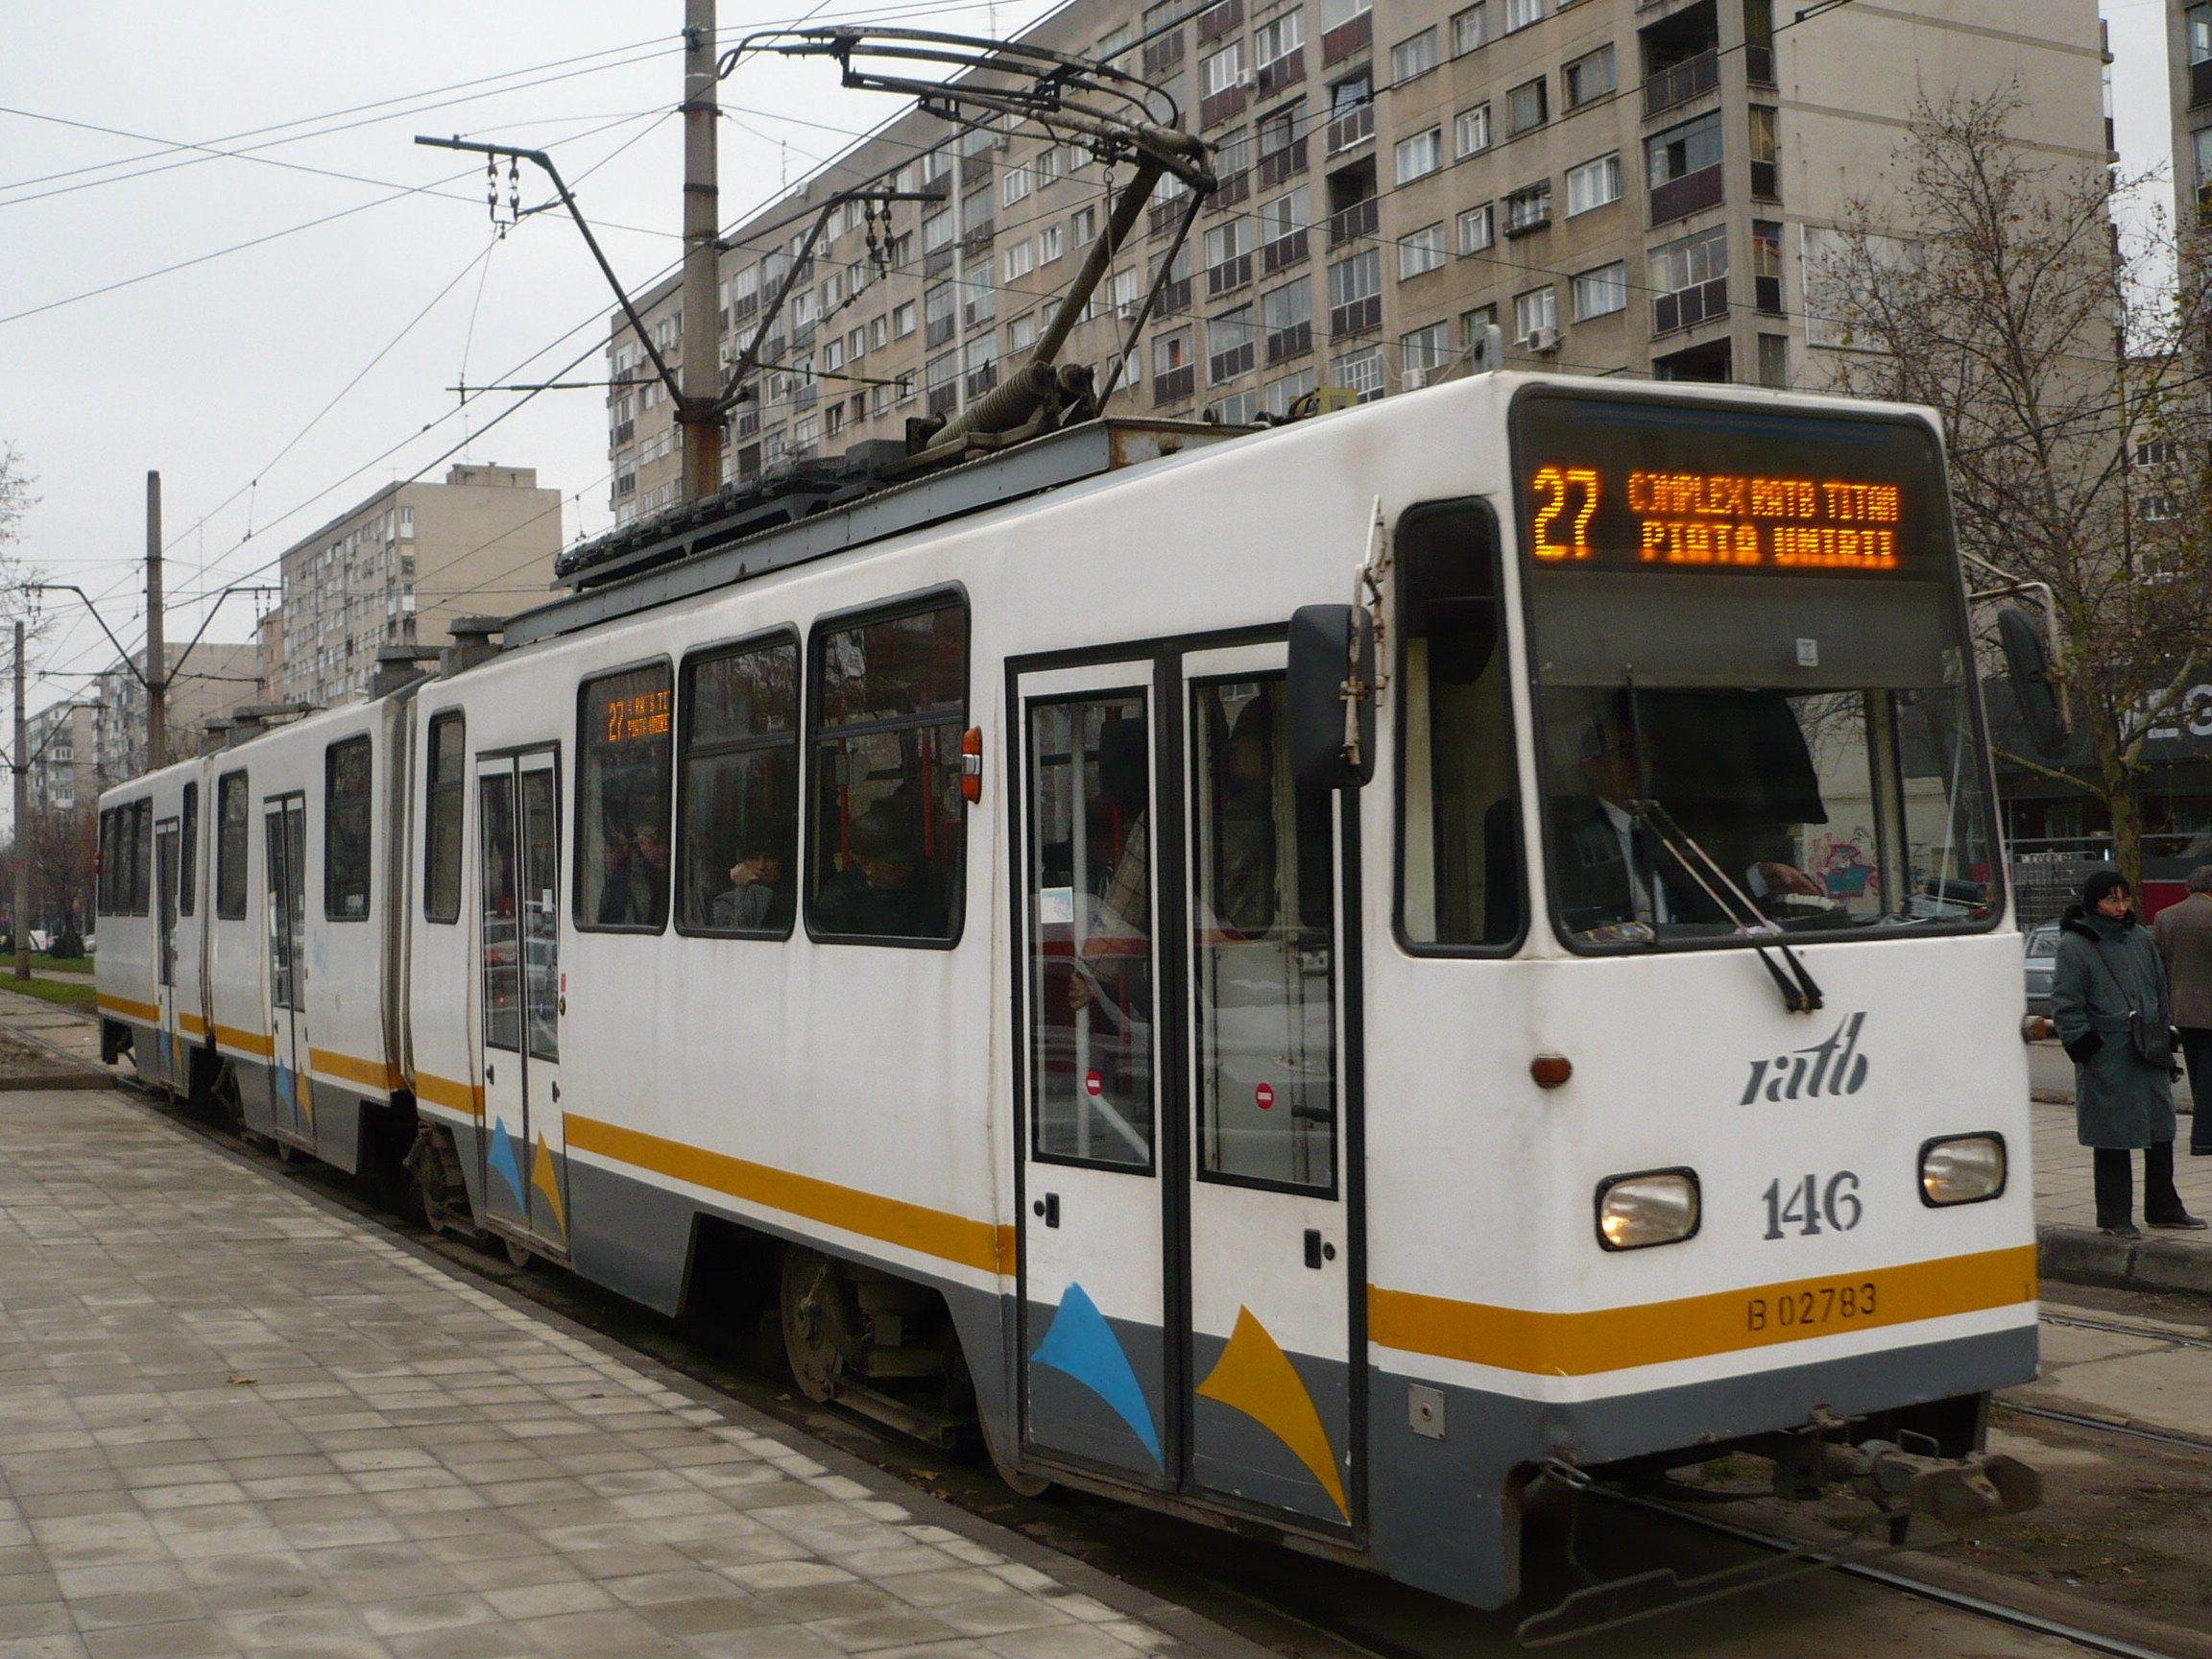 tramvai-27.jpg